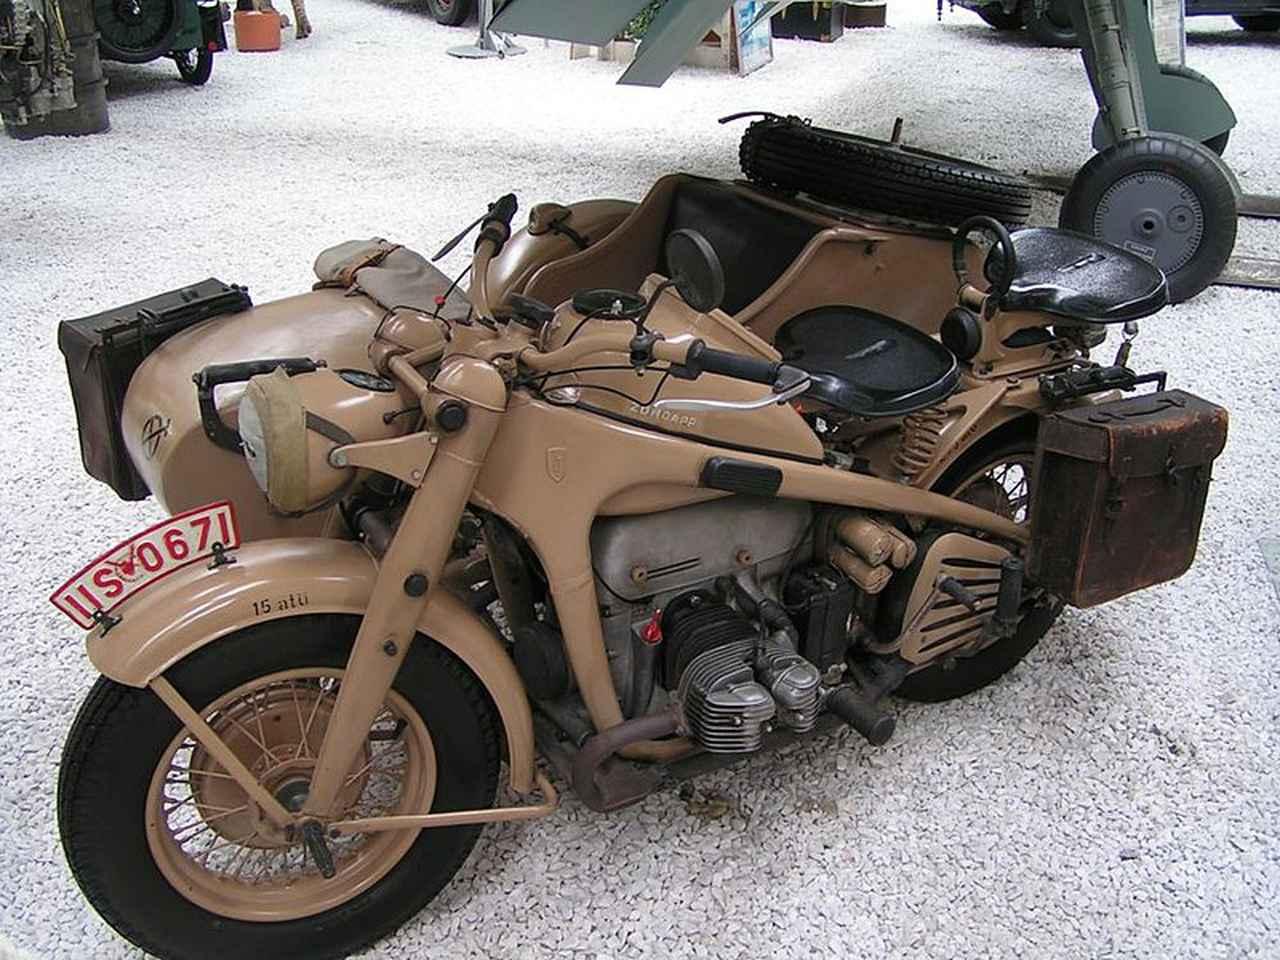 画像: ツュンダップKS750は、1941〜1945年の間に18,284台、そして終戦後は1948年までストックされた部品を使い、349台が製造されました。 de.wikipedia.org